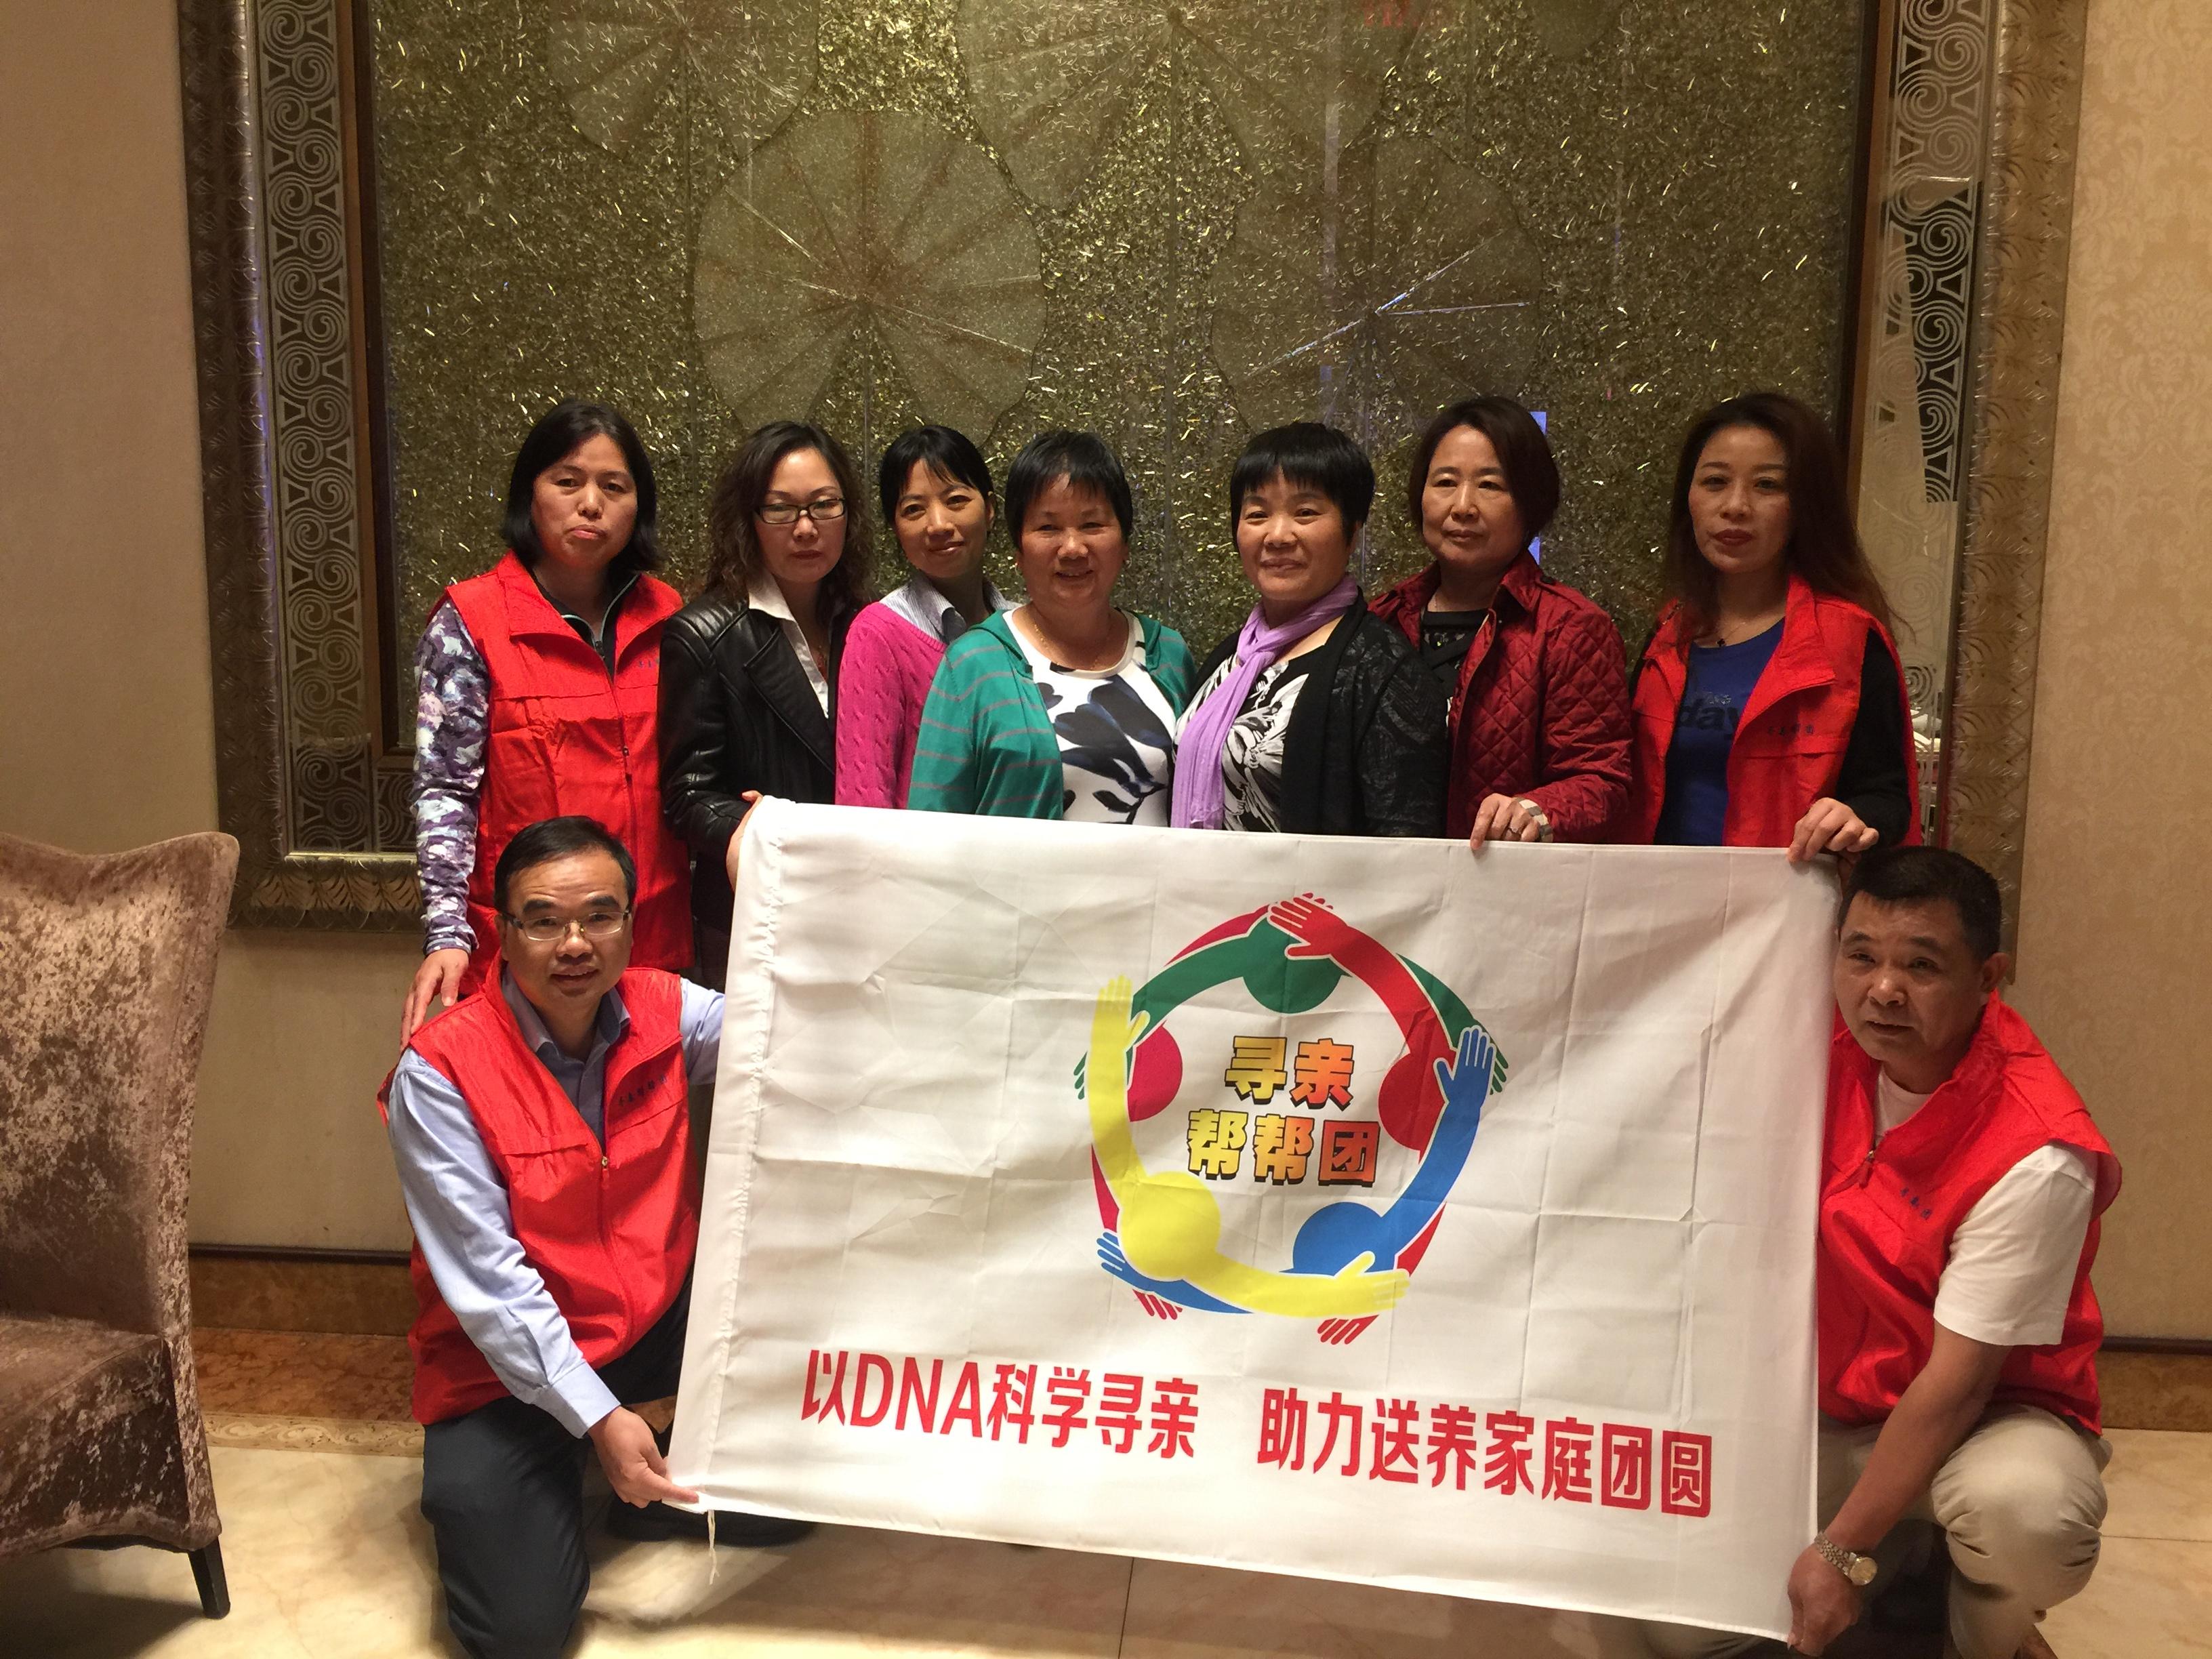 劉灼官( 前排右)找到女兒後,加入尋親幫幫團志願者陣營,希望幫助更多人找到親人(記者林群/攝影)